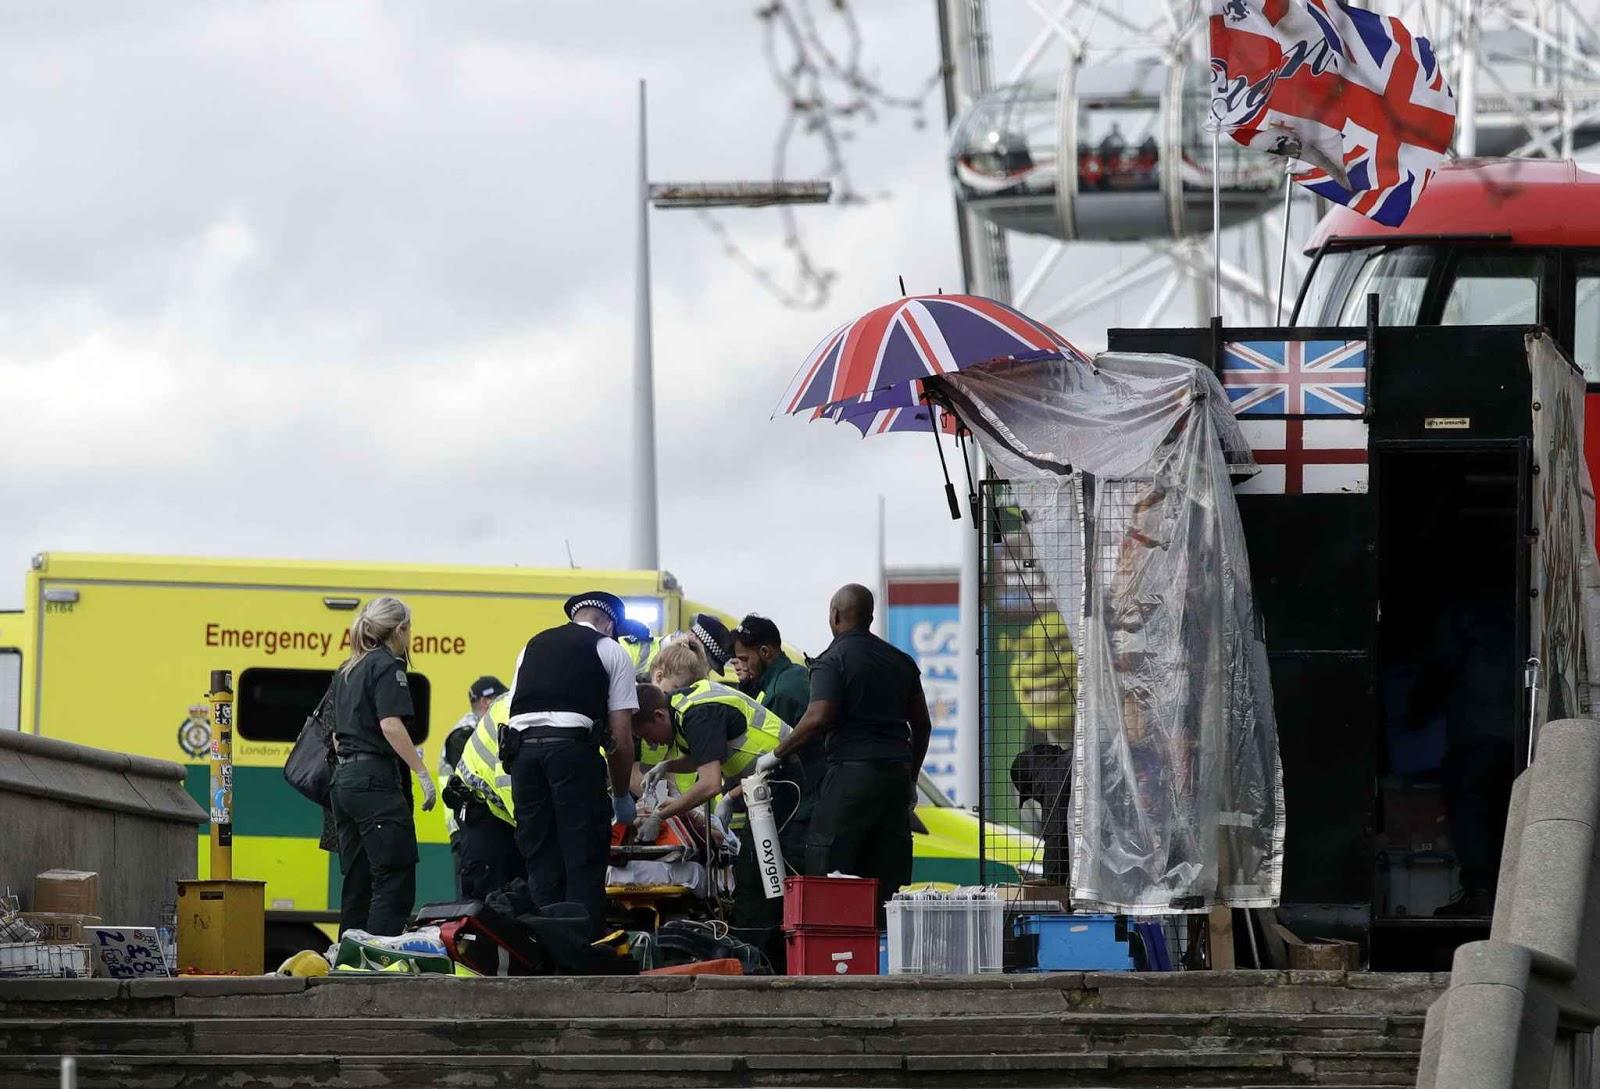 Les secours sur le pont de Westminster, pour aider les blessés lors de l'attaque du 22 mars 2017. - Matt Dunham/AP/SIPA